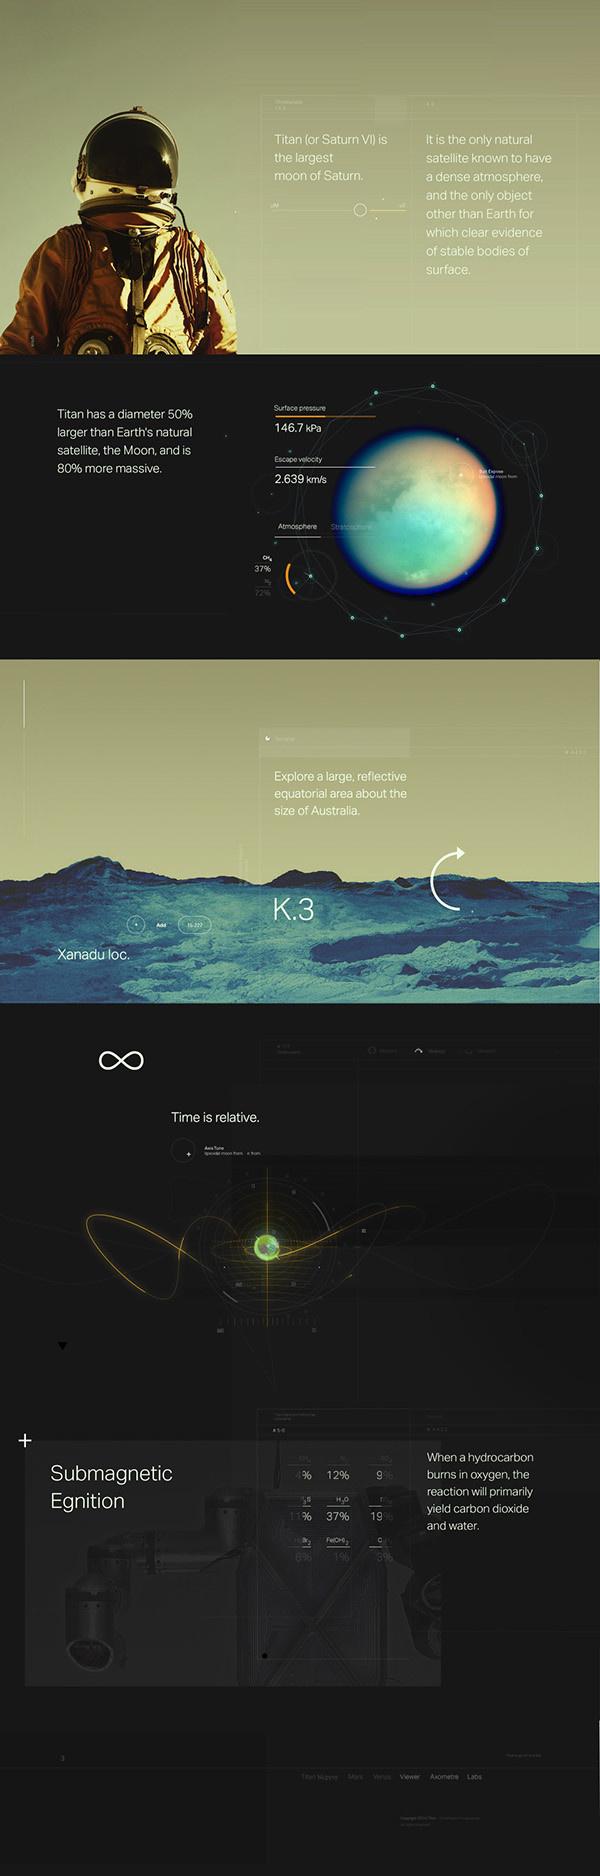 titan-loop-campaign #space #website #minimal #web #dark #science